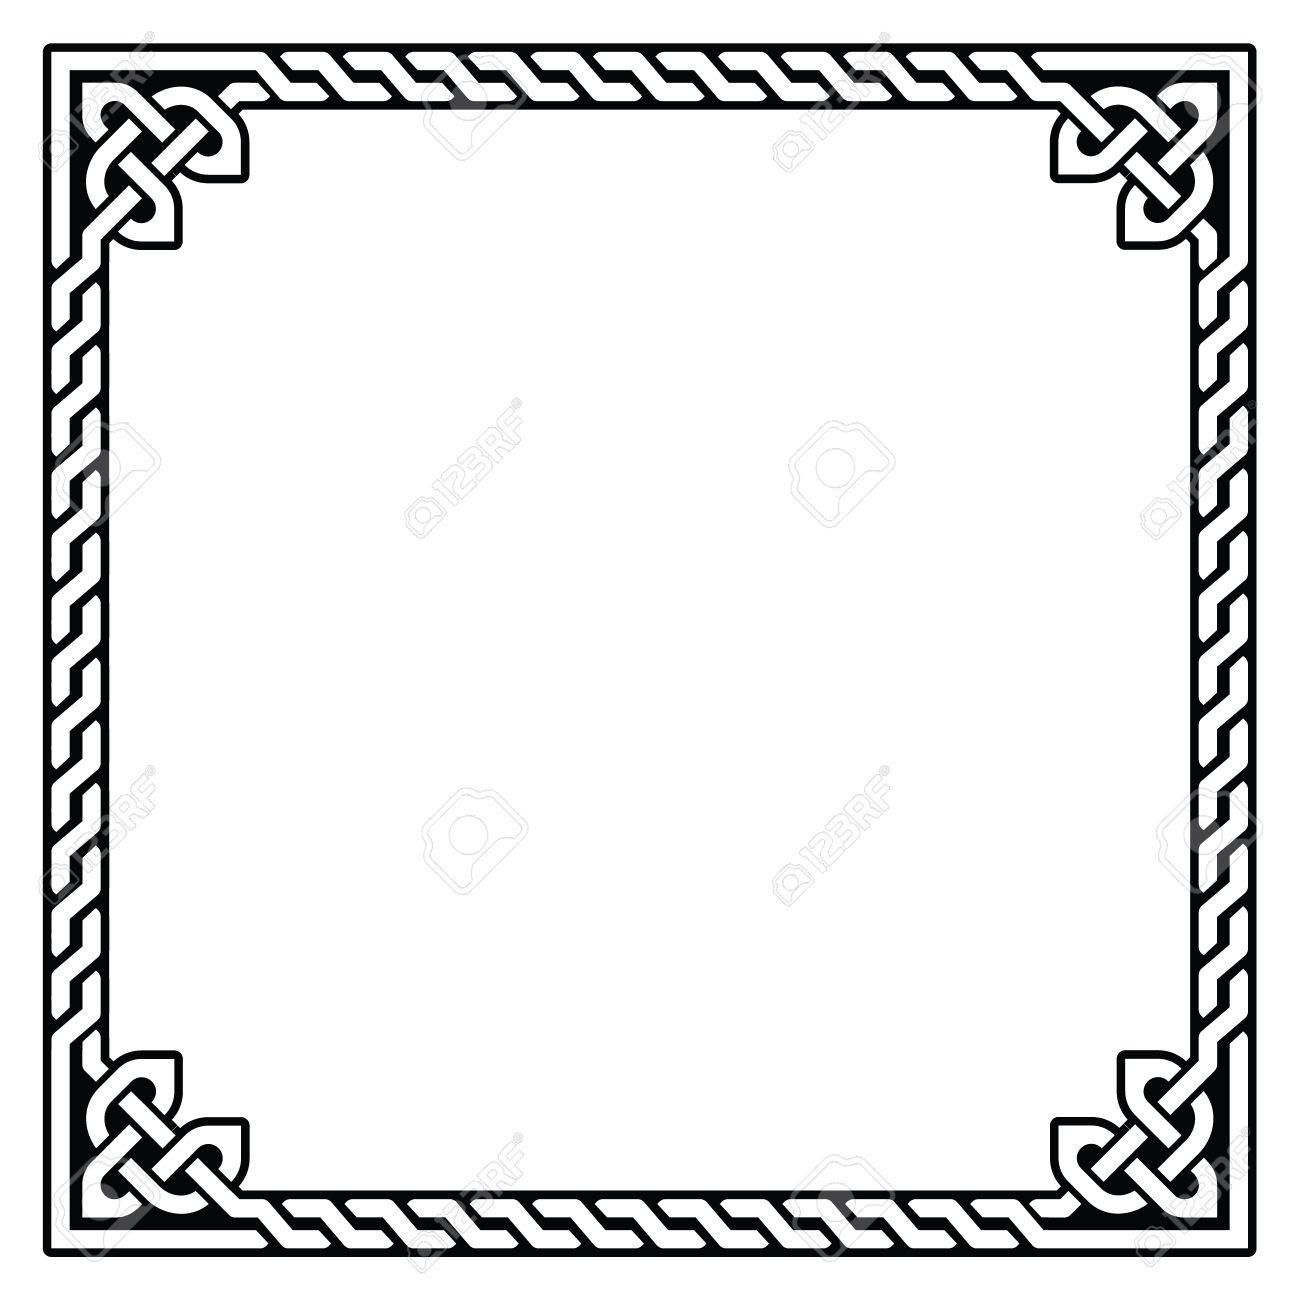 Celtic frame, border pattern - vector - 30694750